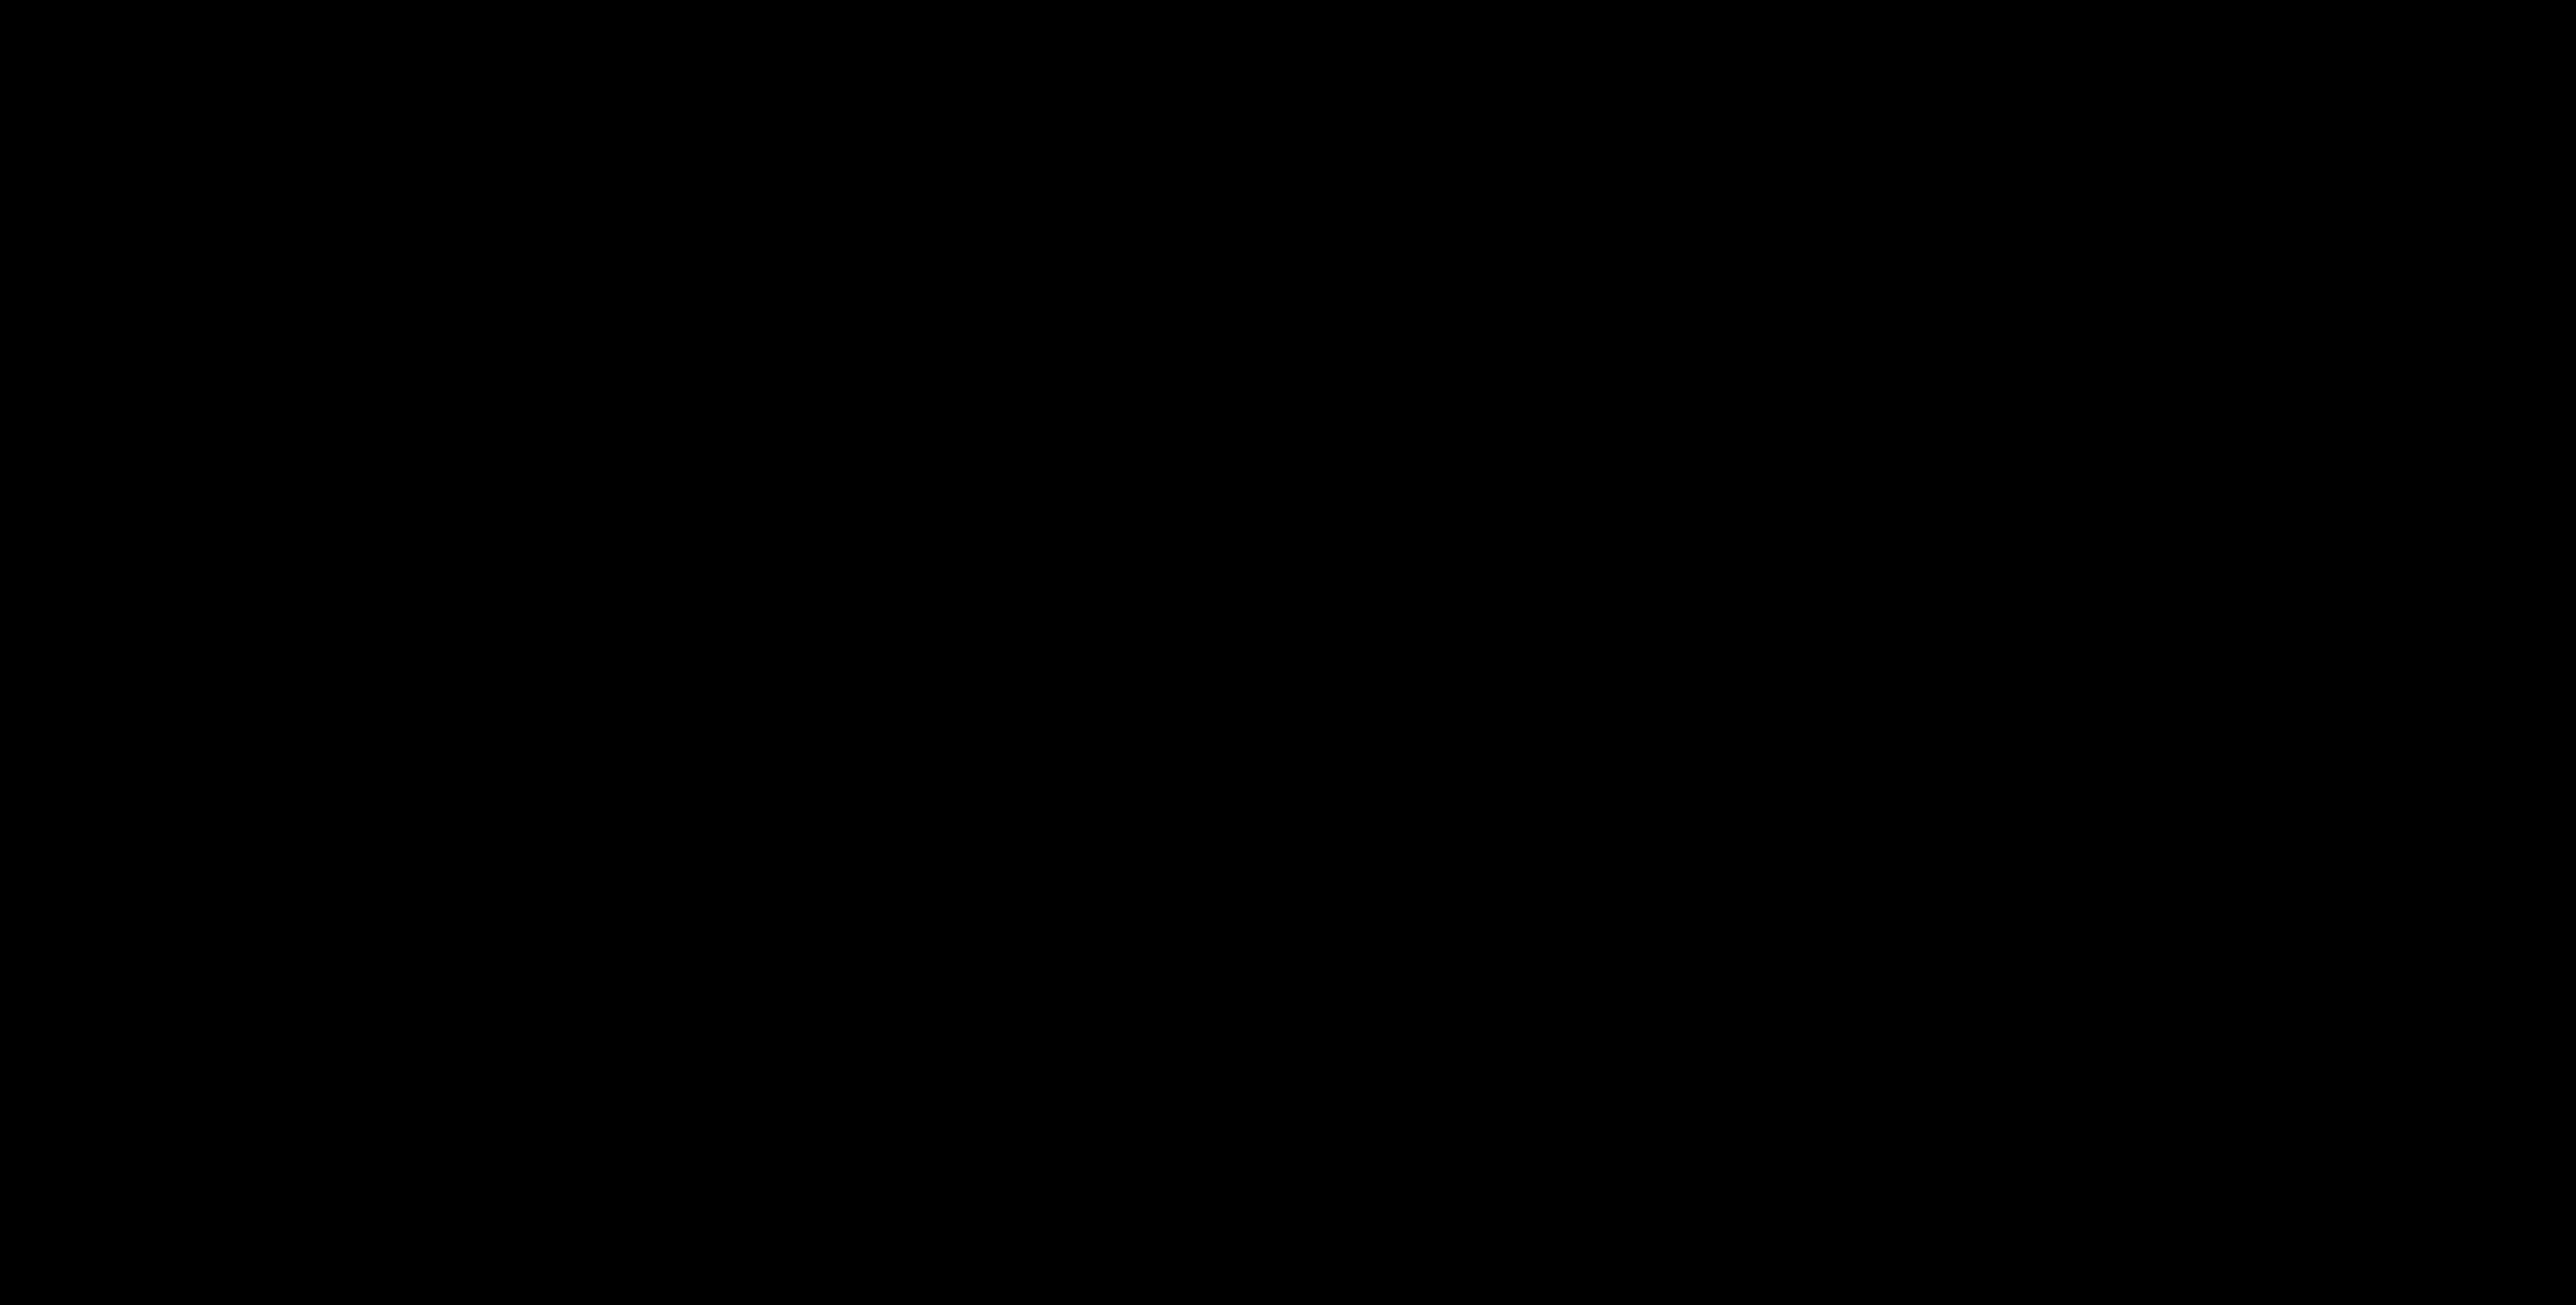 PV50 schemat wymiarowy